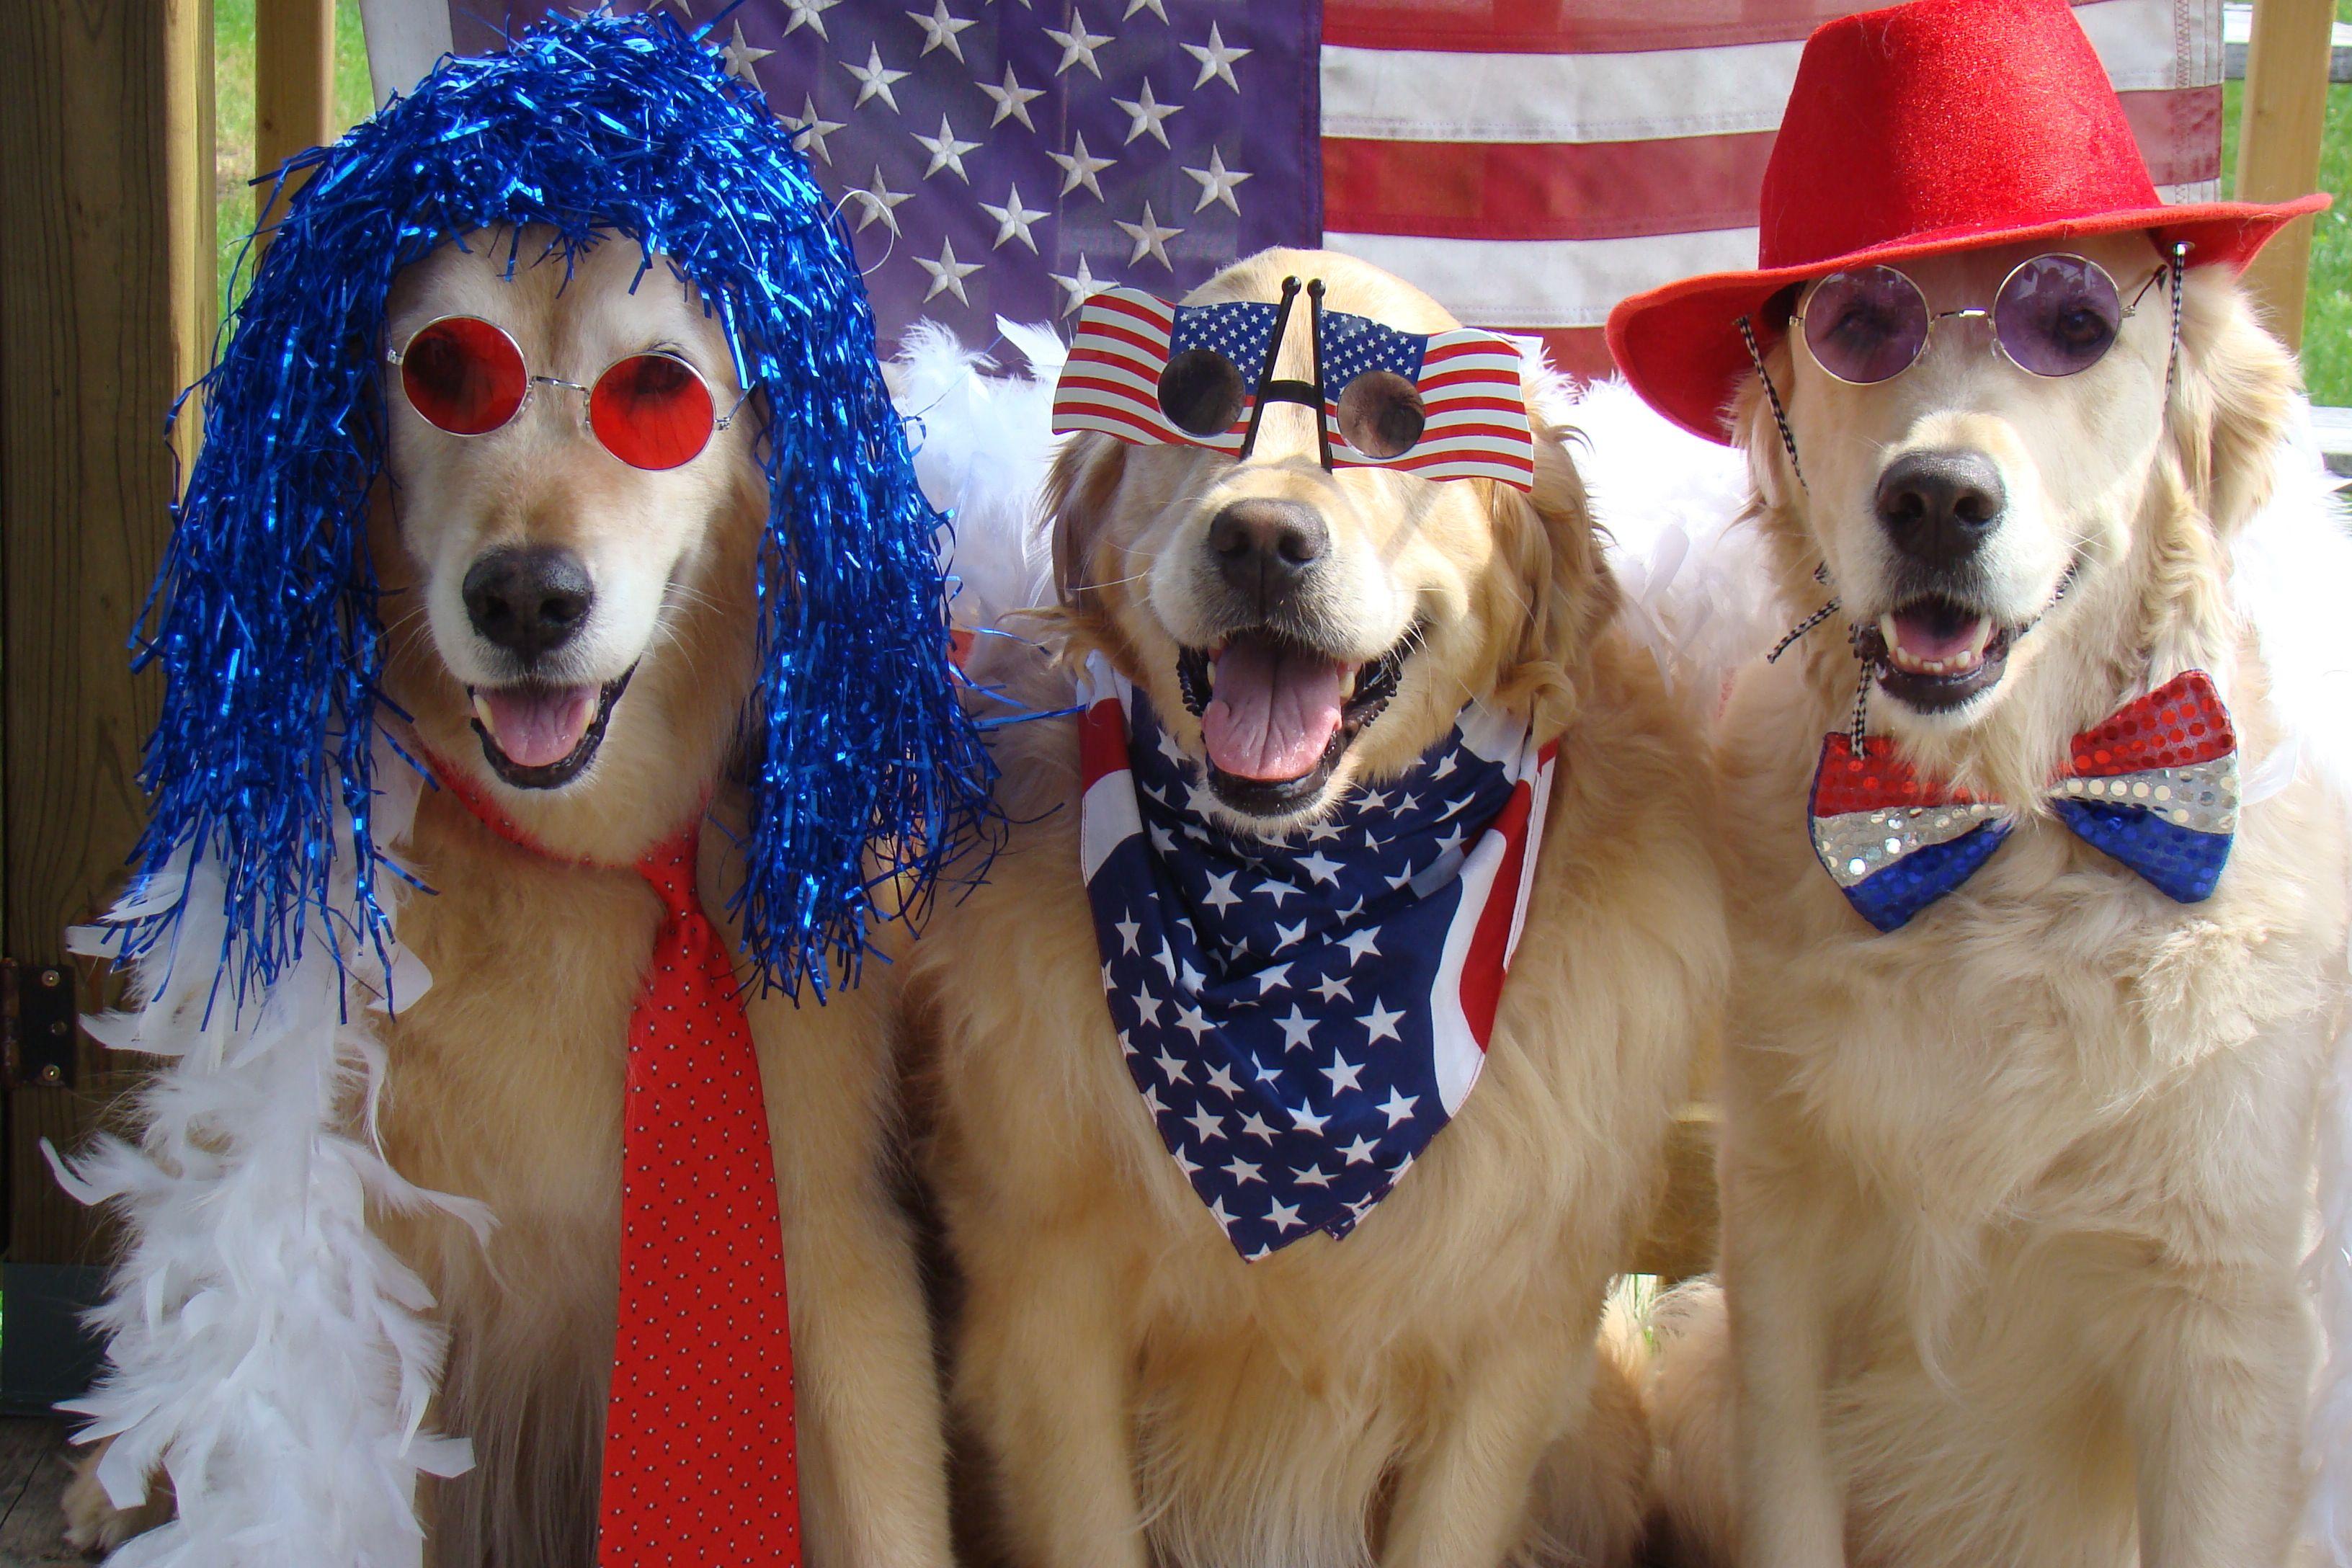 Happy July 4th Dog photoshoot, Dog parade, Dog costumes